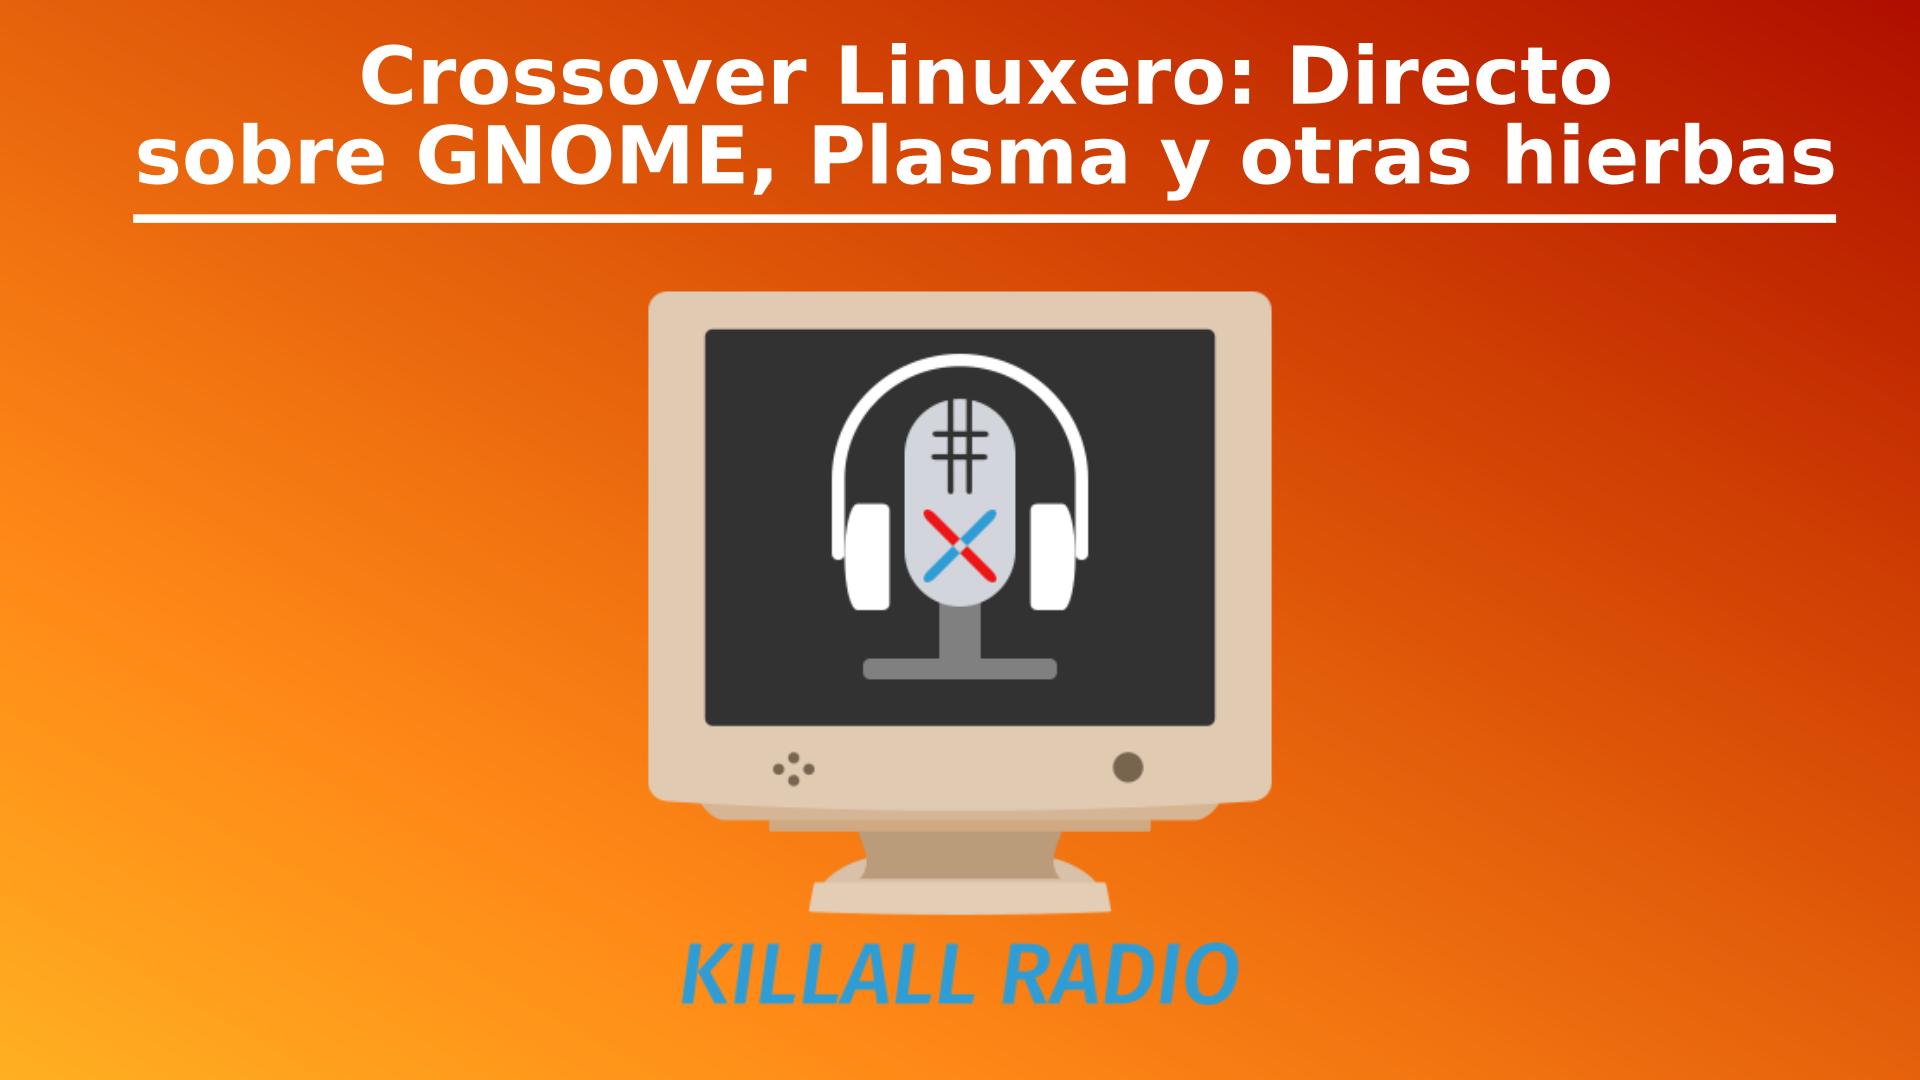 Crossover Linuxero KilallRadio